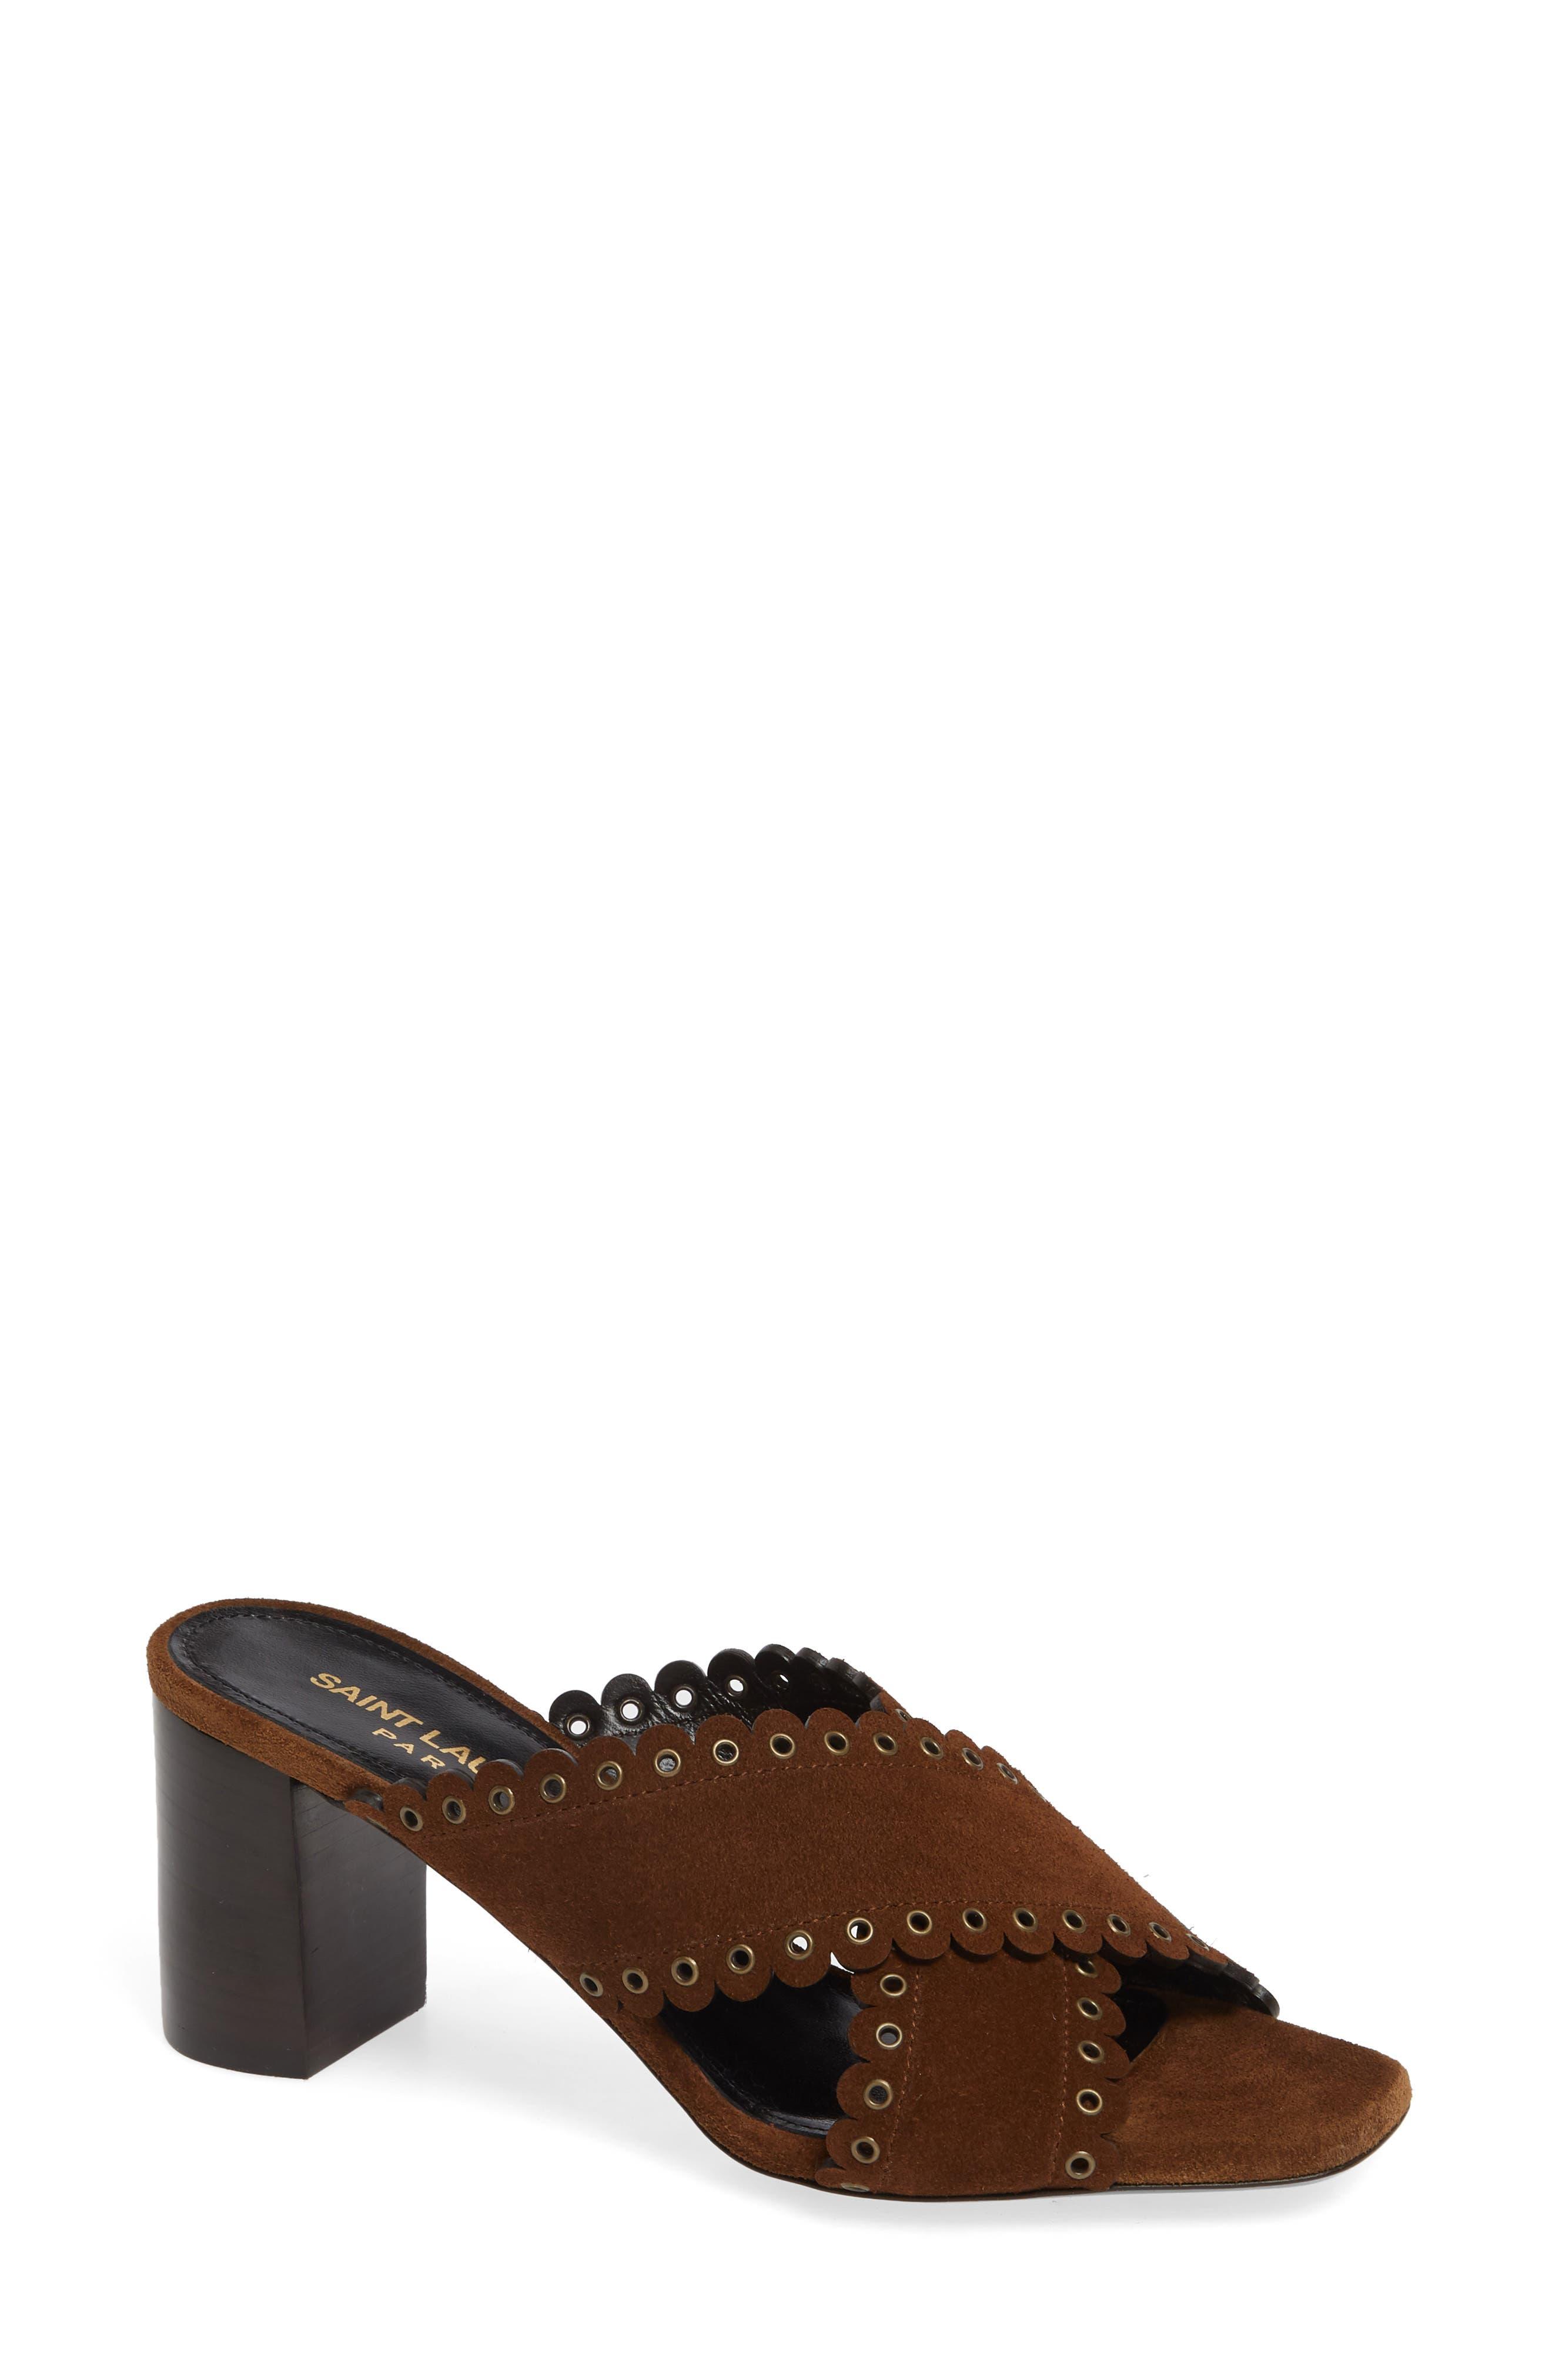 Saint Laurent Loulou Grommet Sandal, Brown